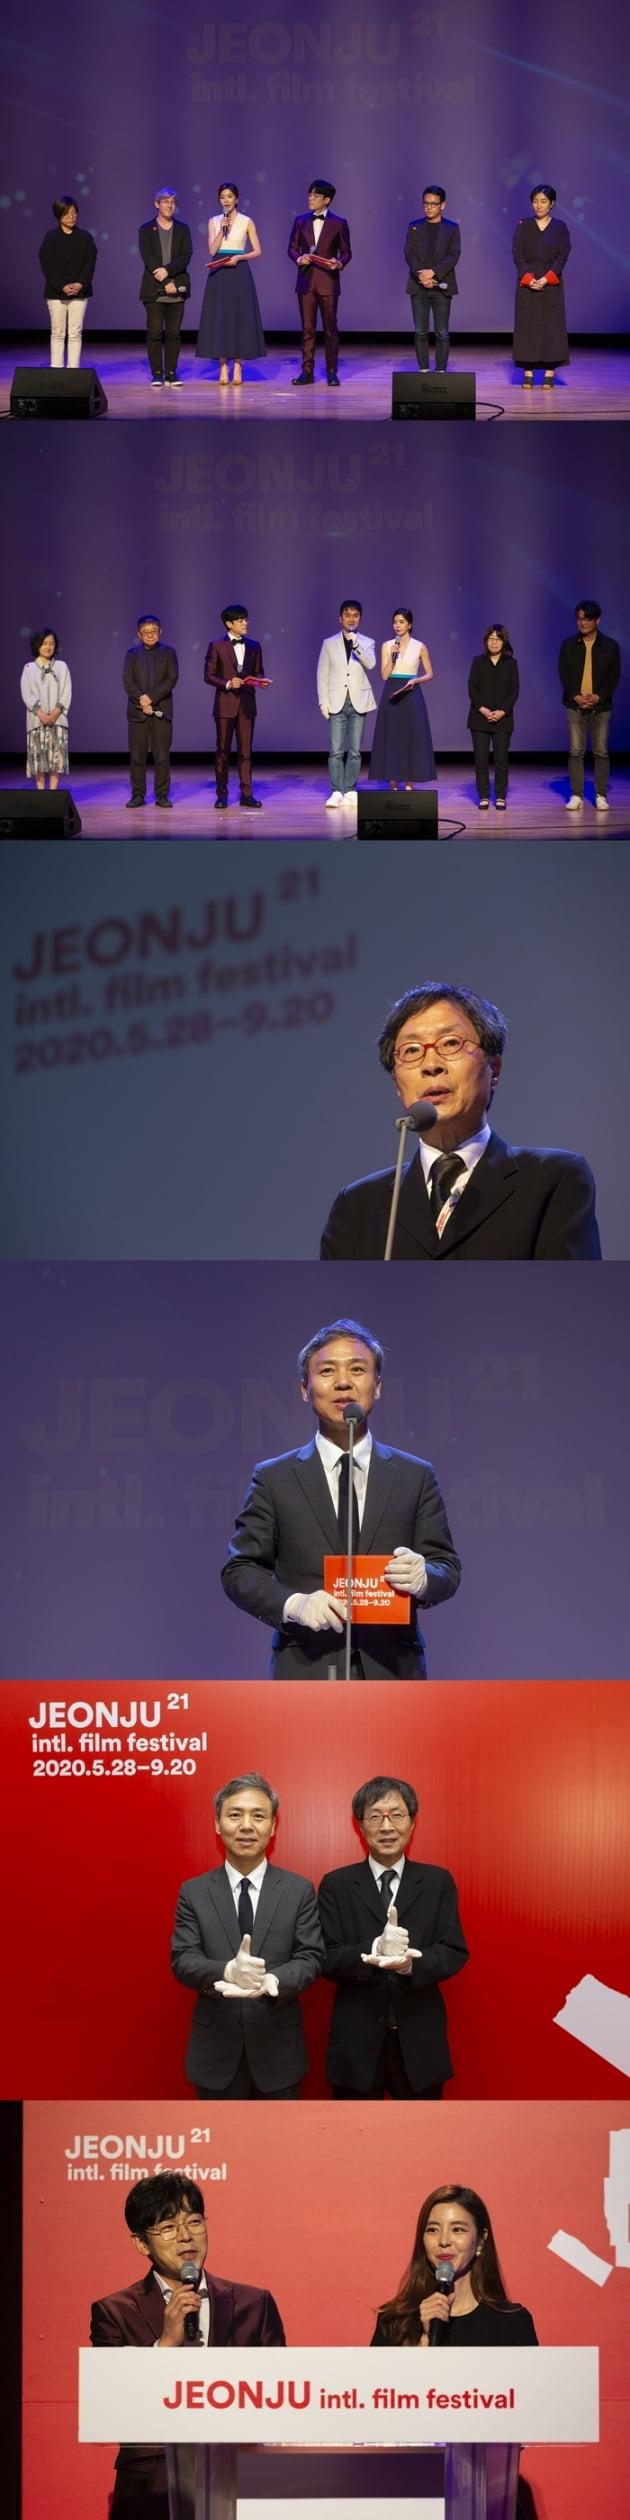 전주국제영화제 개막식 / 사진 = 전주국제영화제 제공